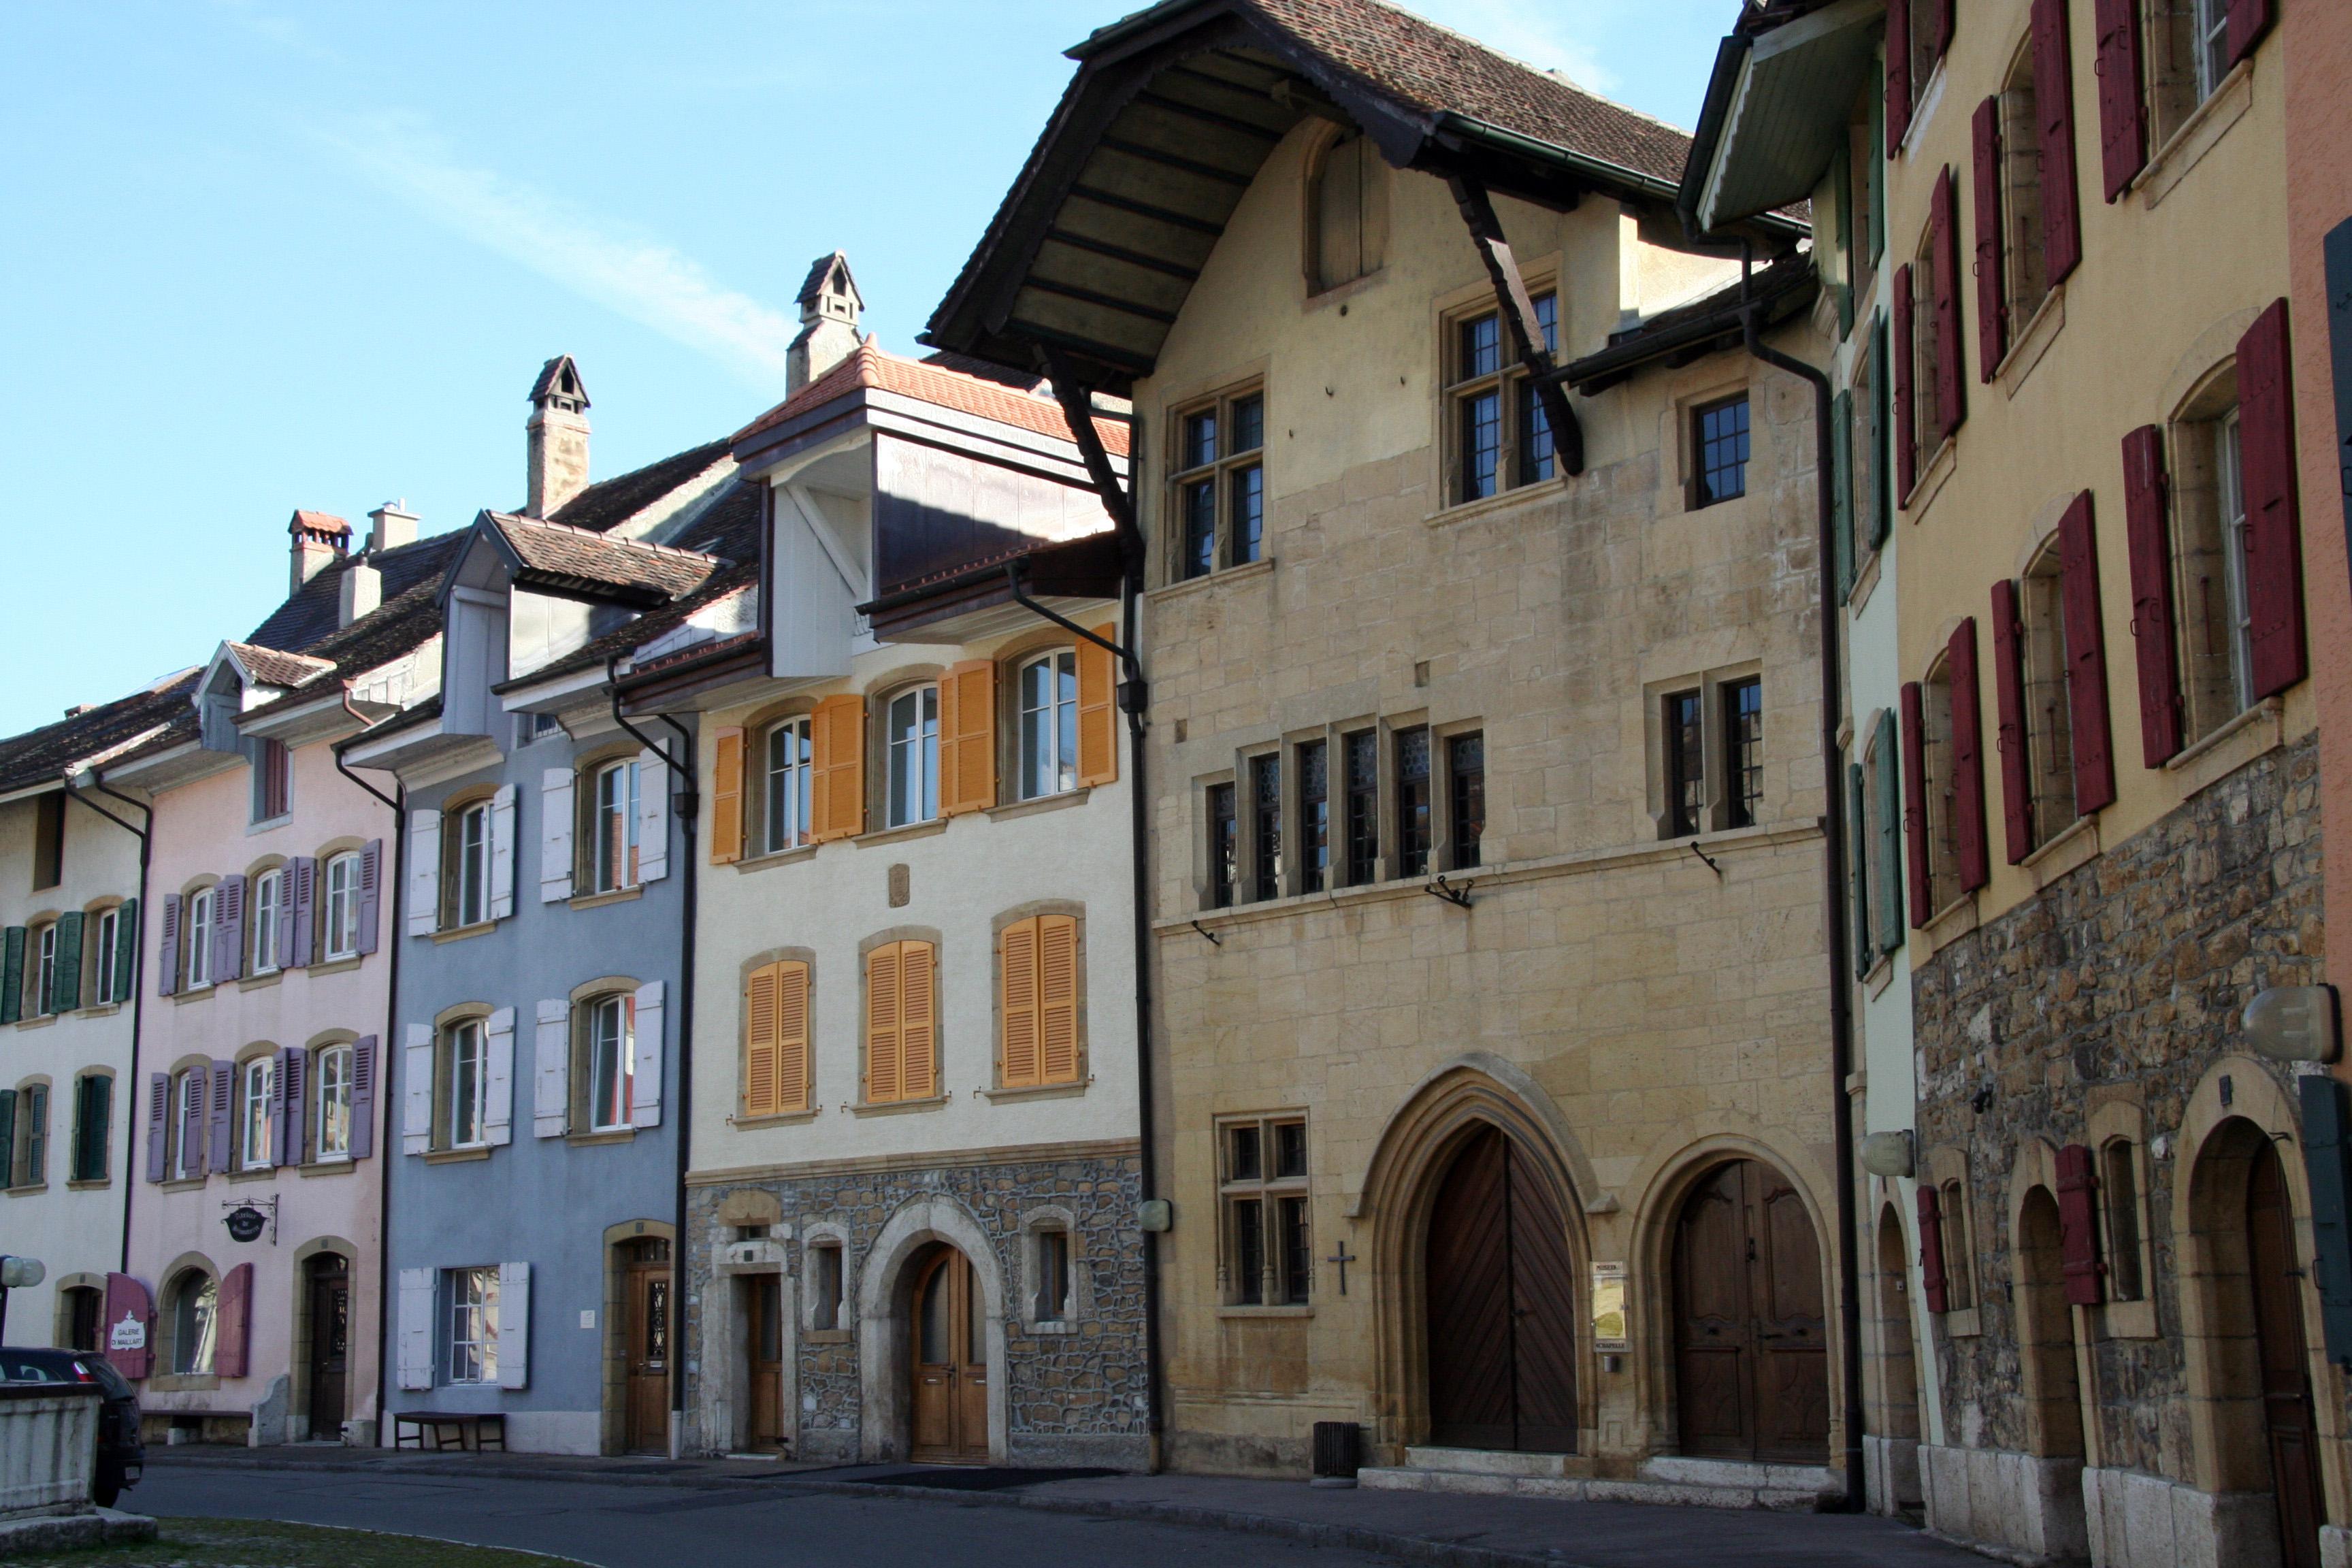 Les plus beaux villages de Suisse romande - Le Landeron (Neuchâtel)